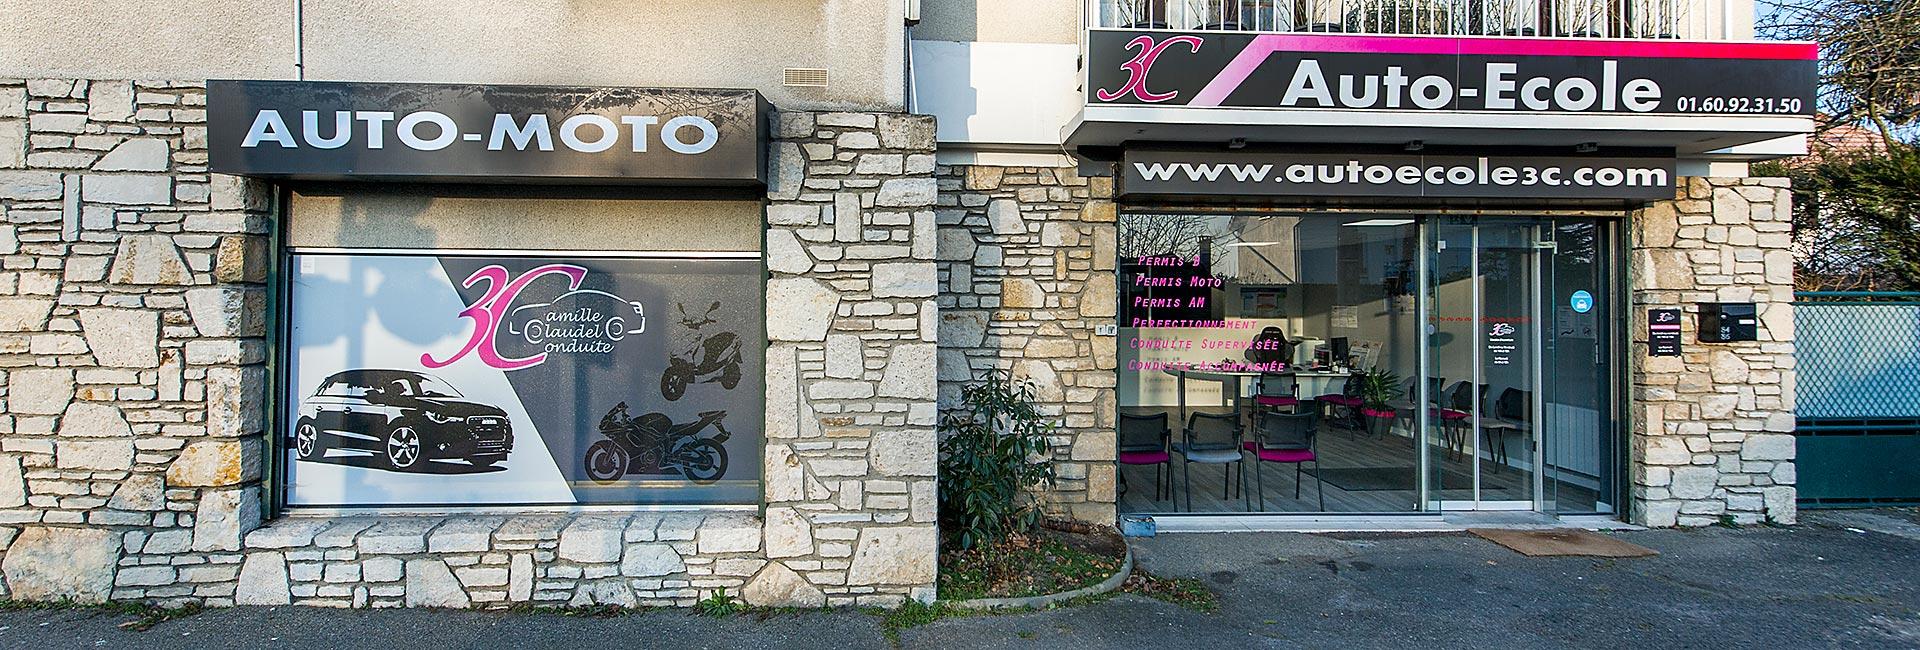 3C Auto Ecole vous accueil dans des locaux spacieux et modernes pour votre confort. Notre auto école se situe à Palaiseau tout proche du lycée Camille Claudel, du collège César Franck et de la piscine la Vague.